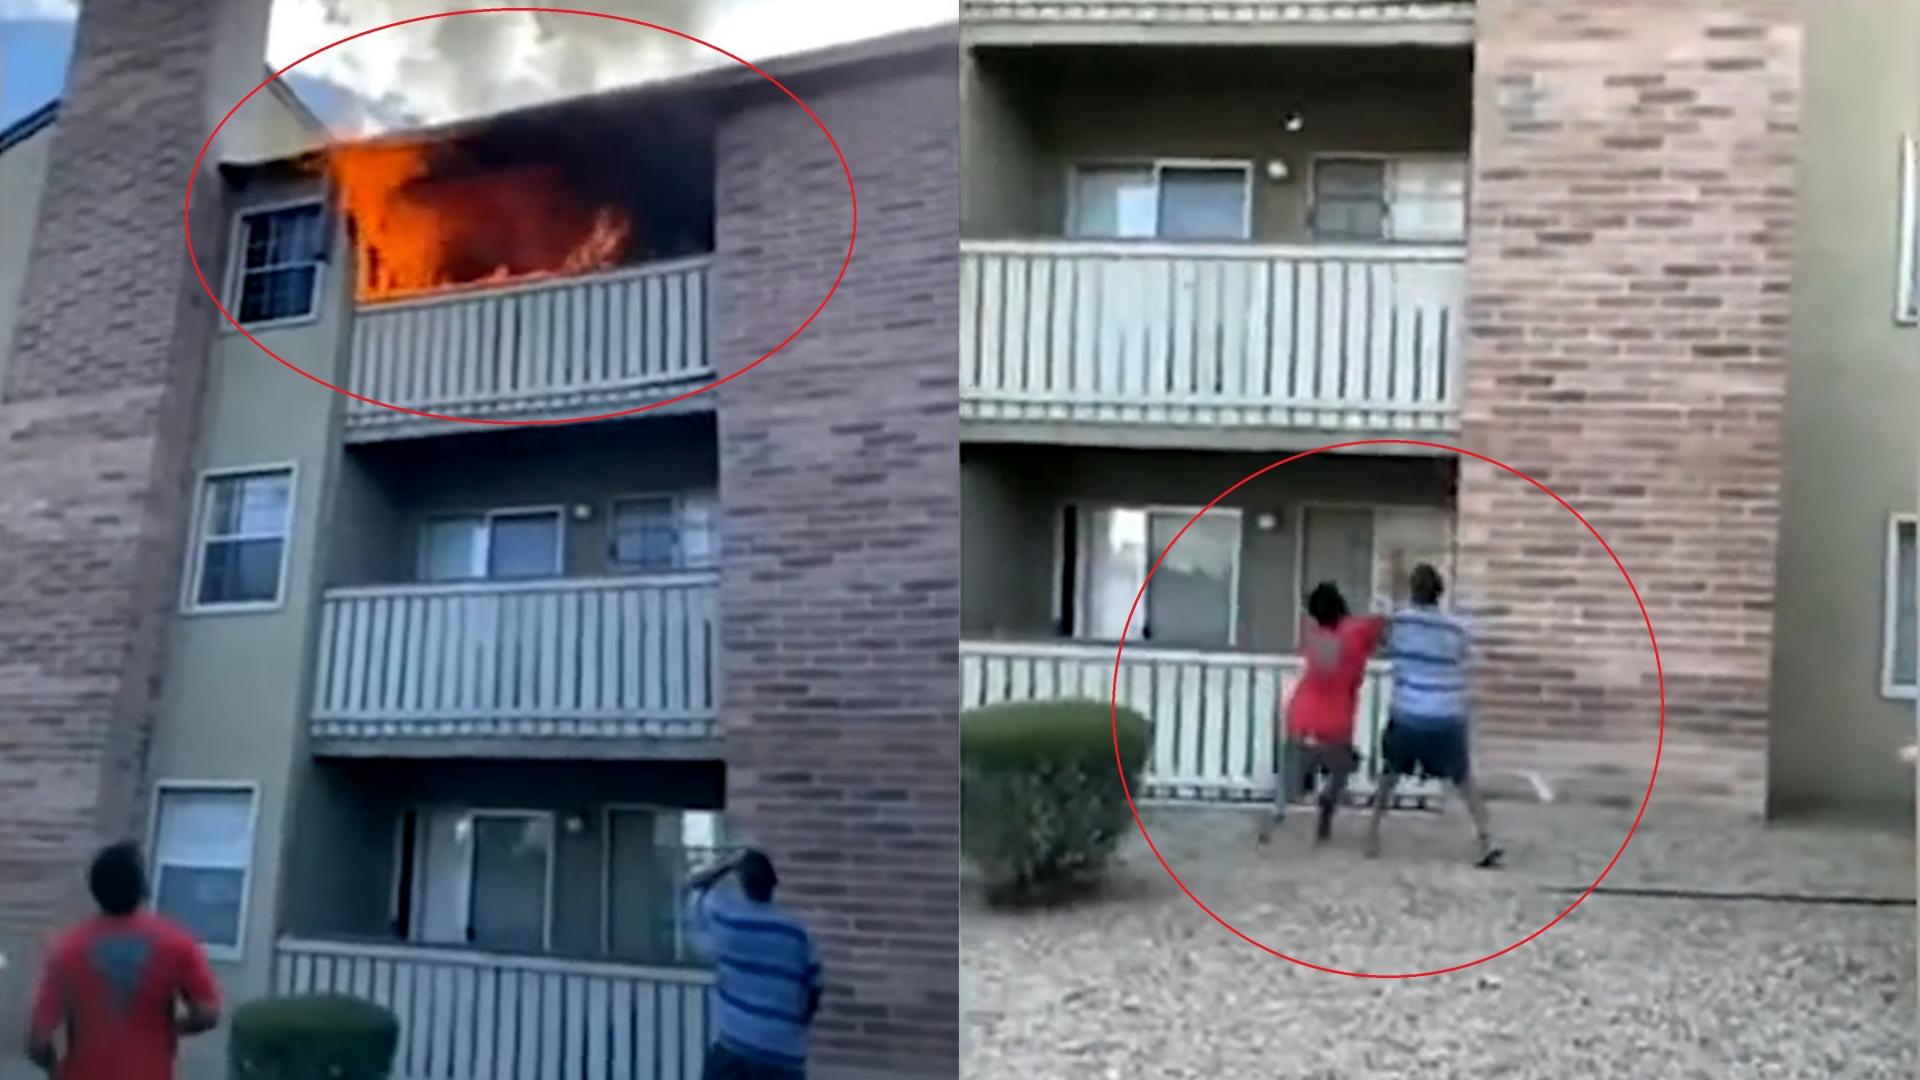 Mẹ ném con từ lầu 3 tòa nhà cháy, người bên dưới đỡ được đứa trẻ